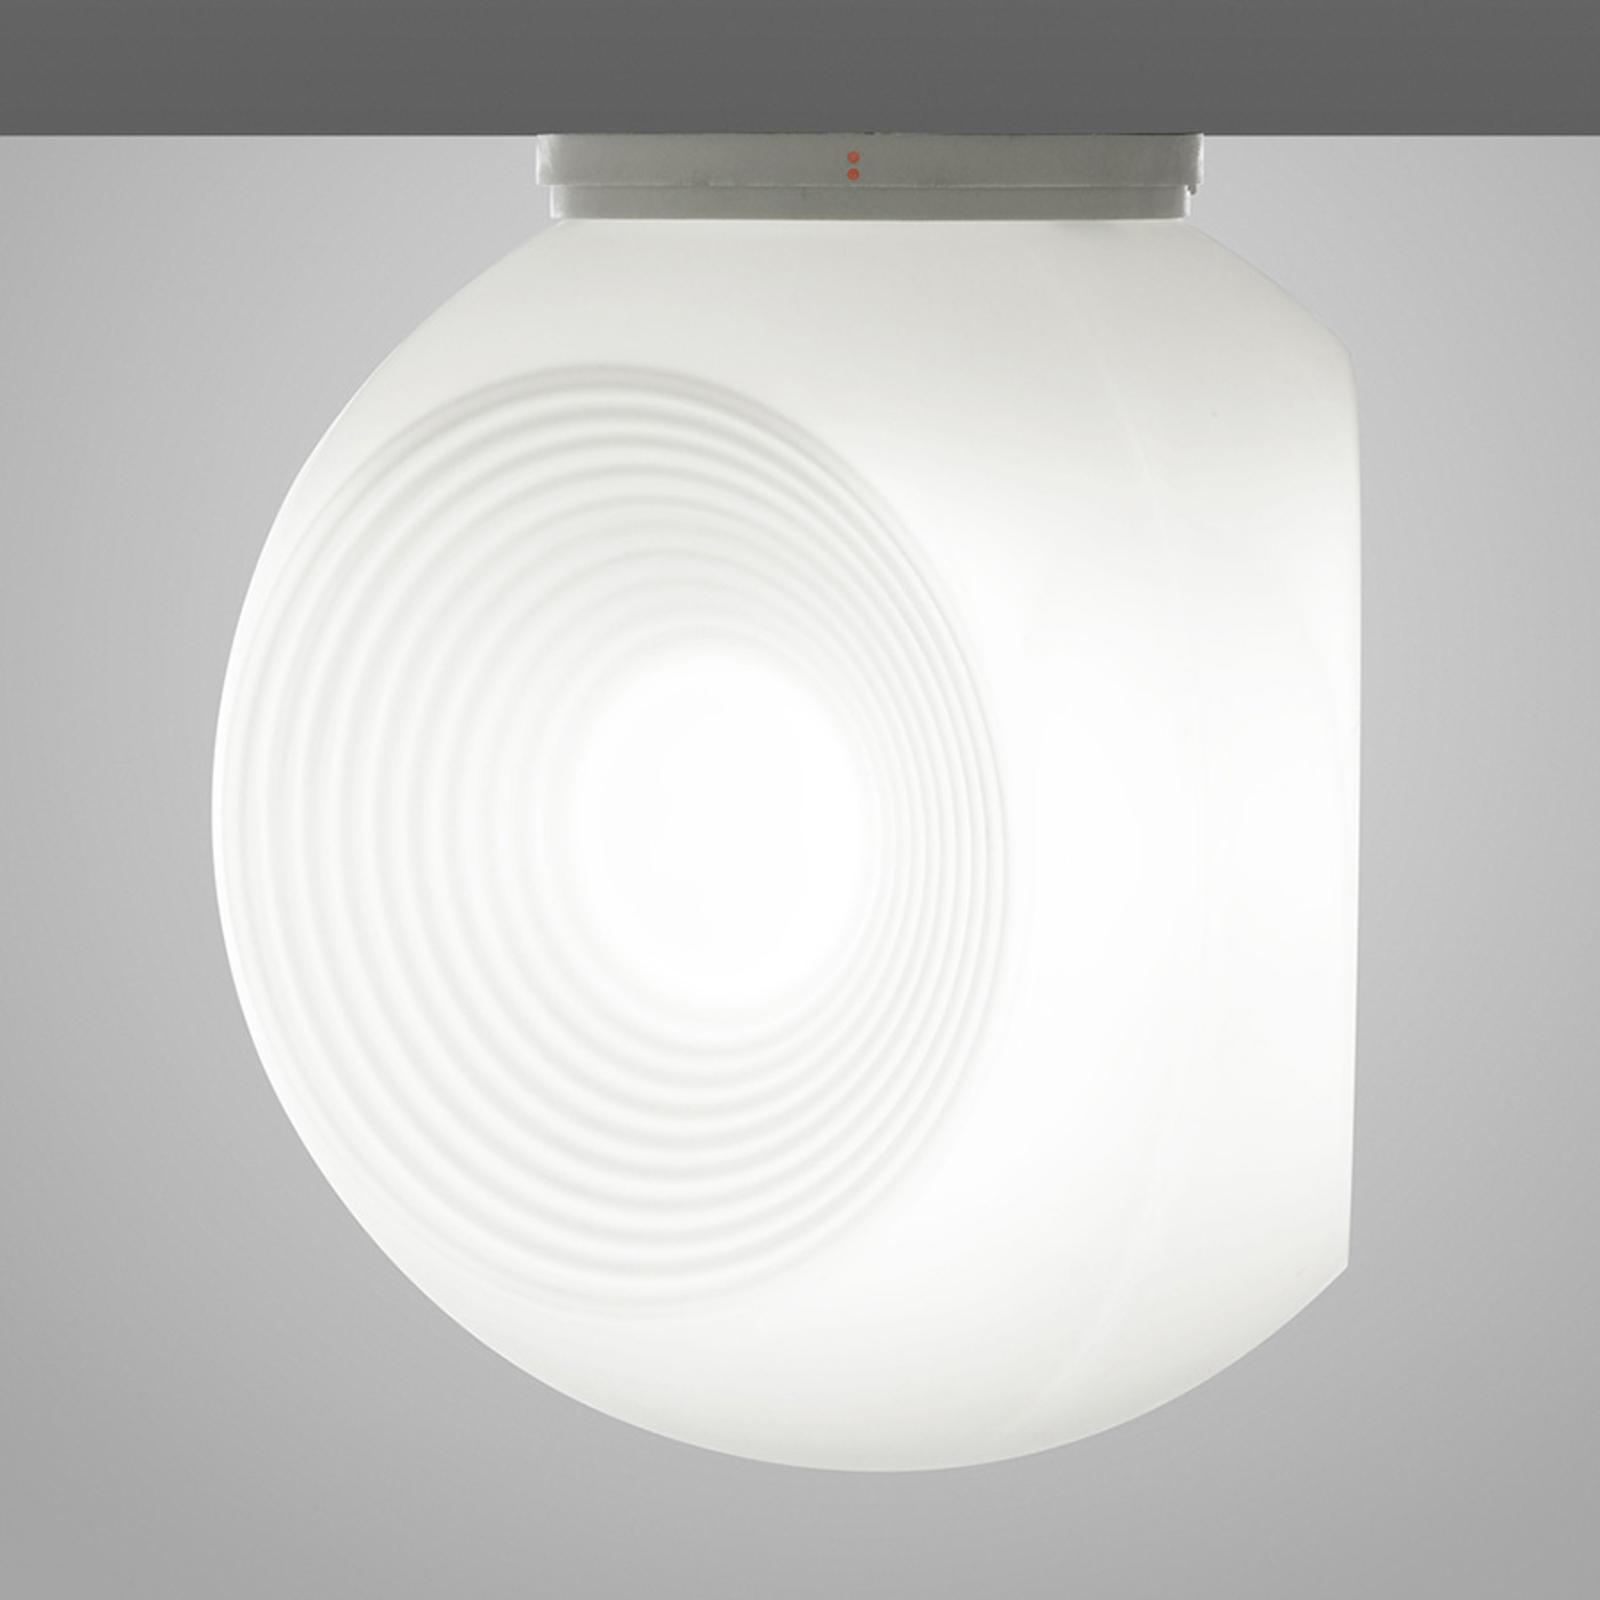 Fabbian Eyes - bílé skleněné stropní světlo